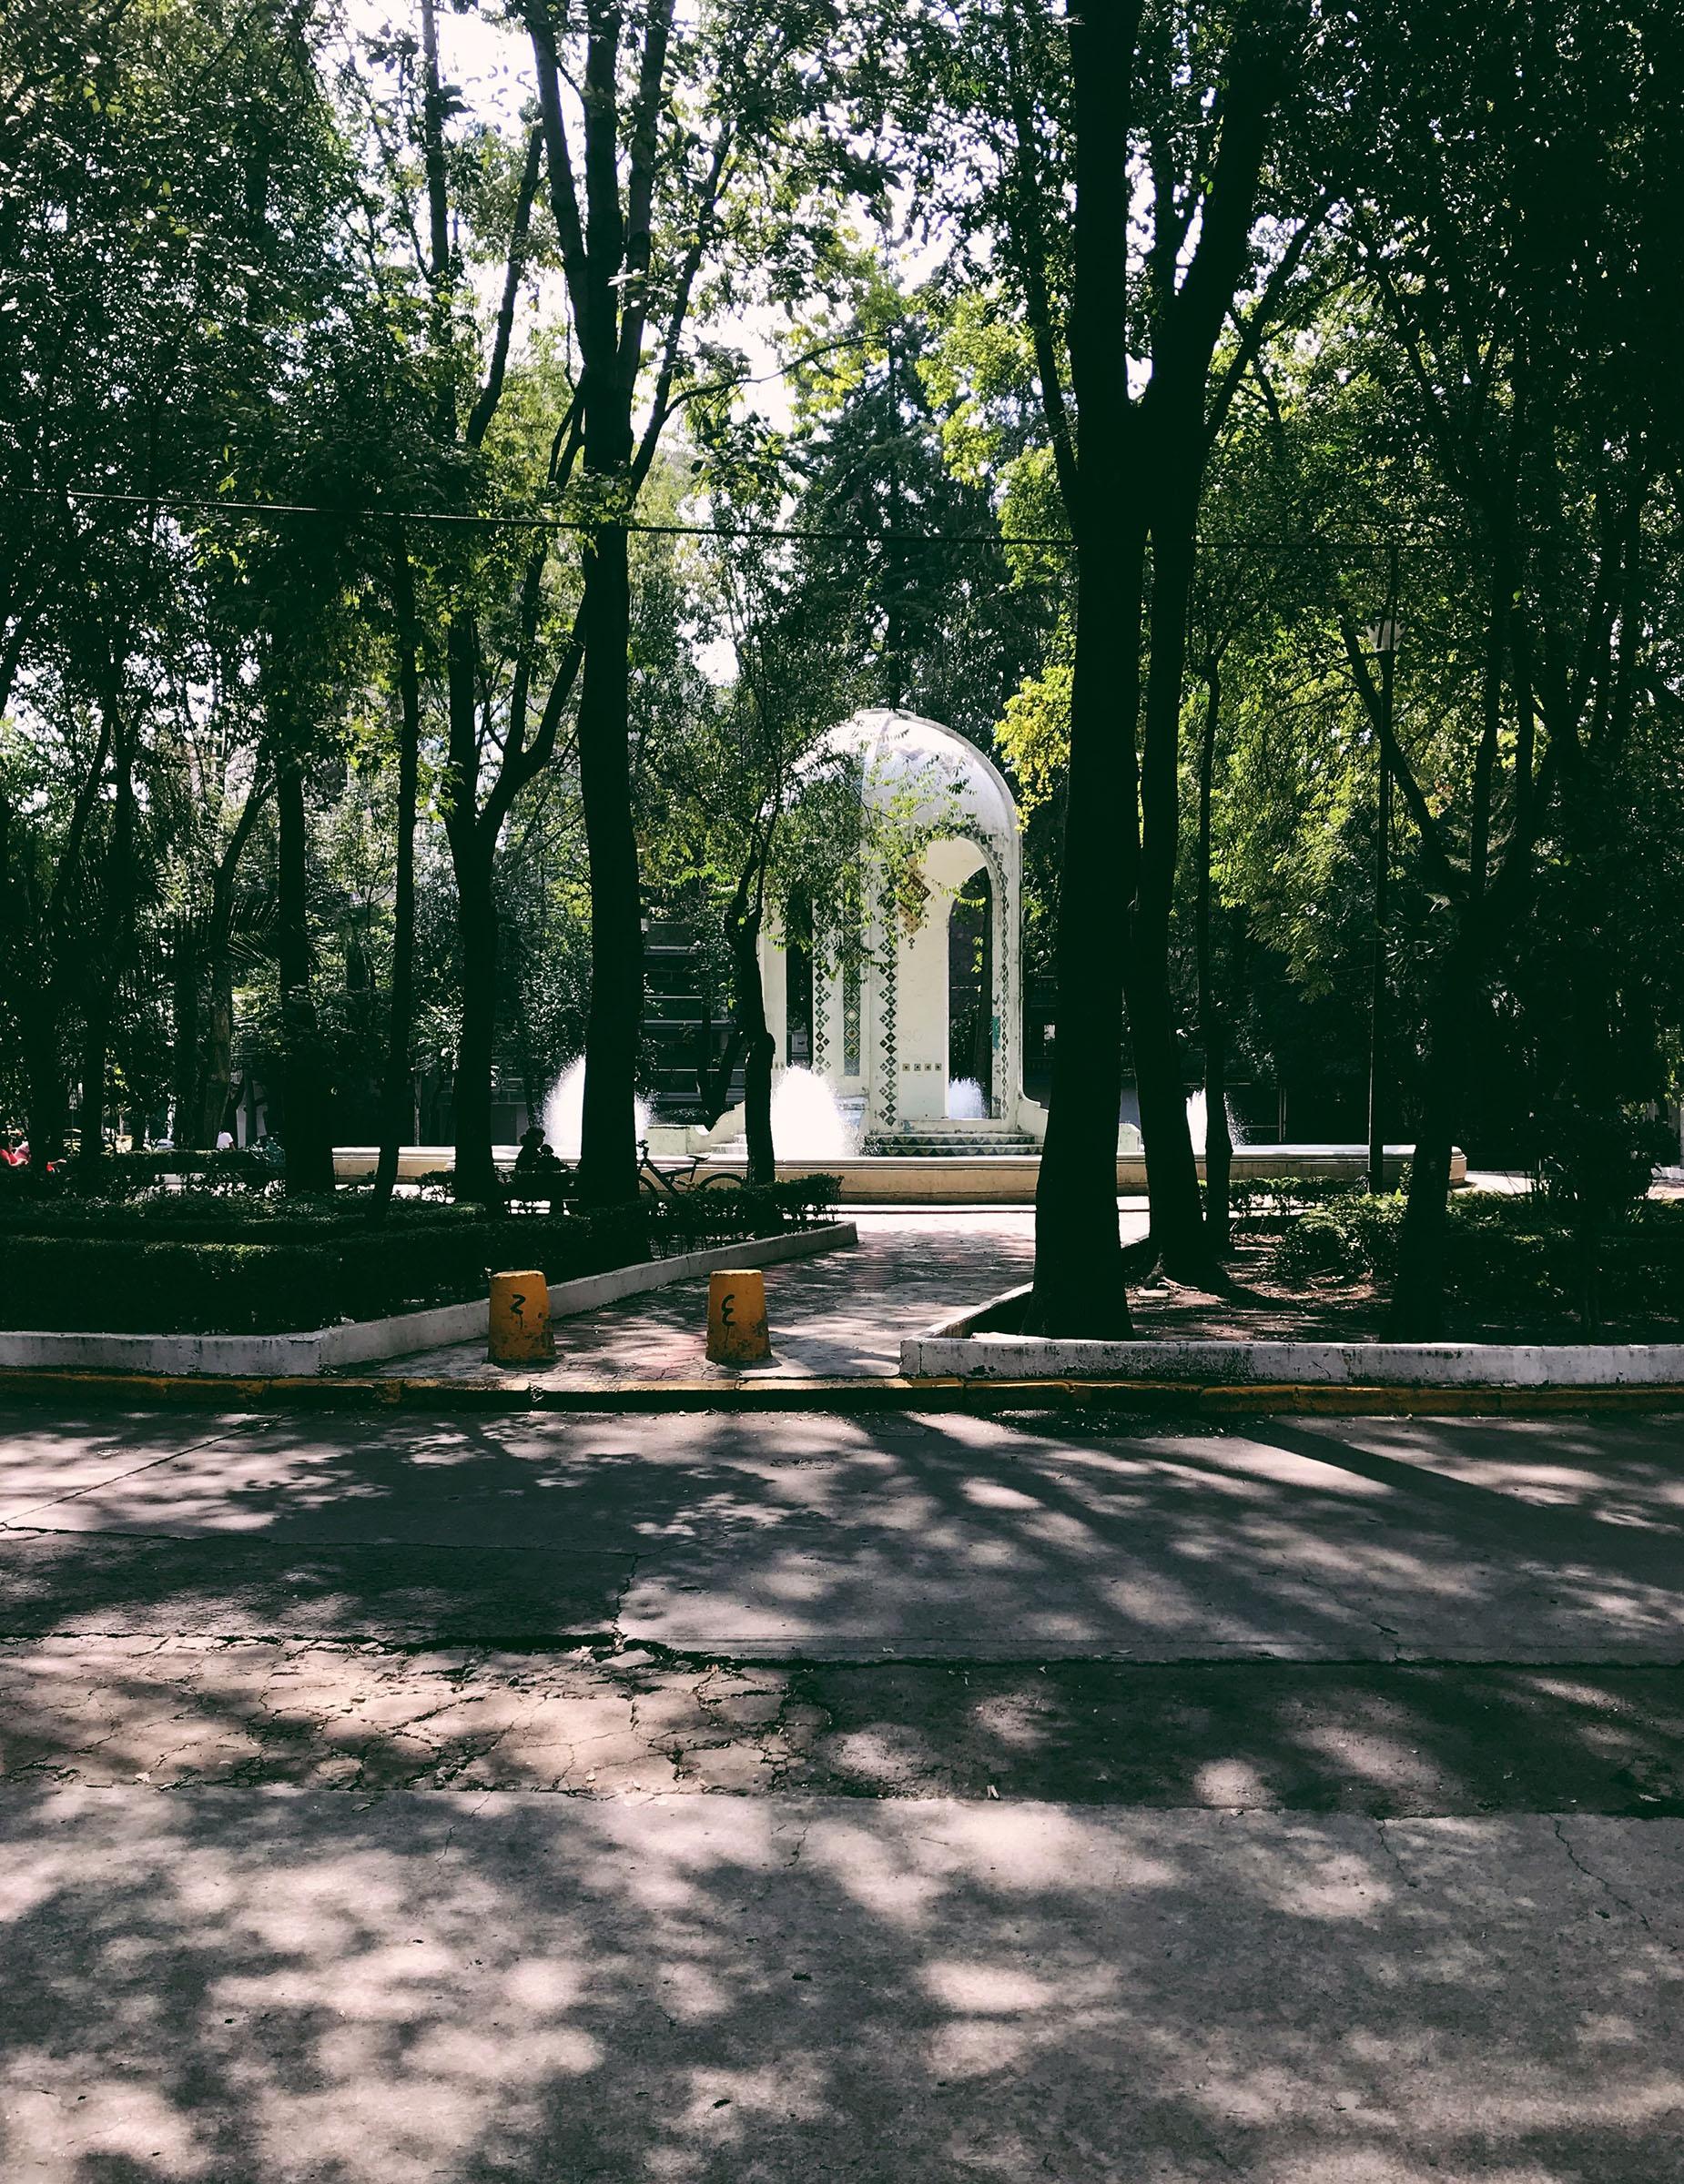 cdmx-02-park.jpg